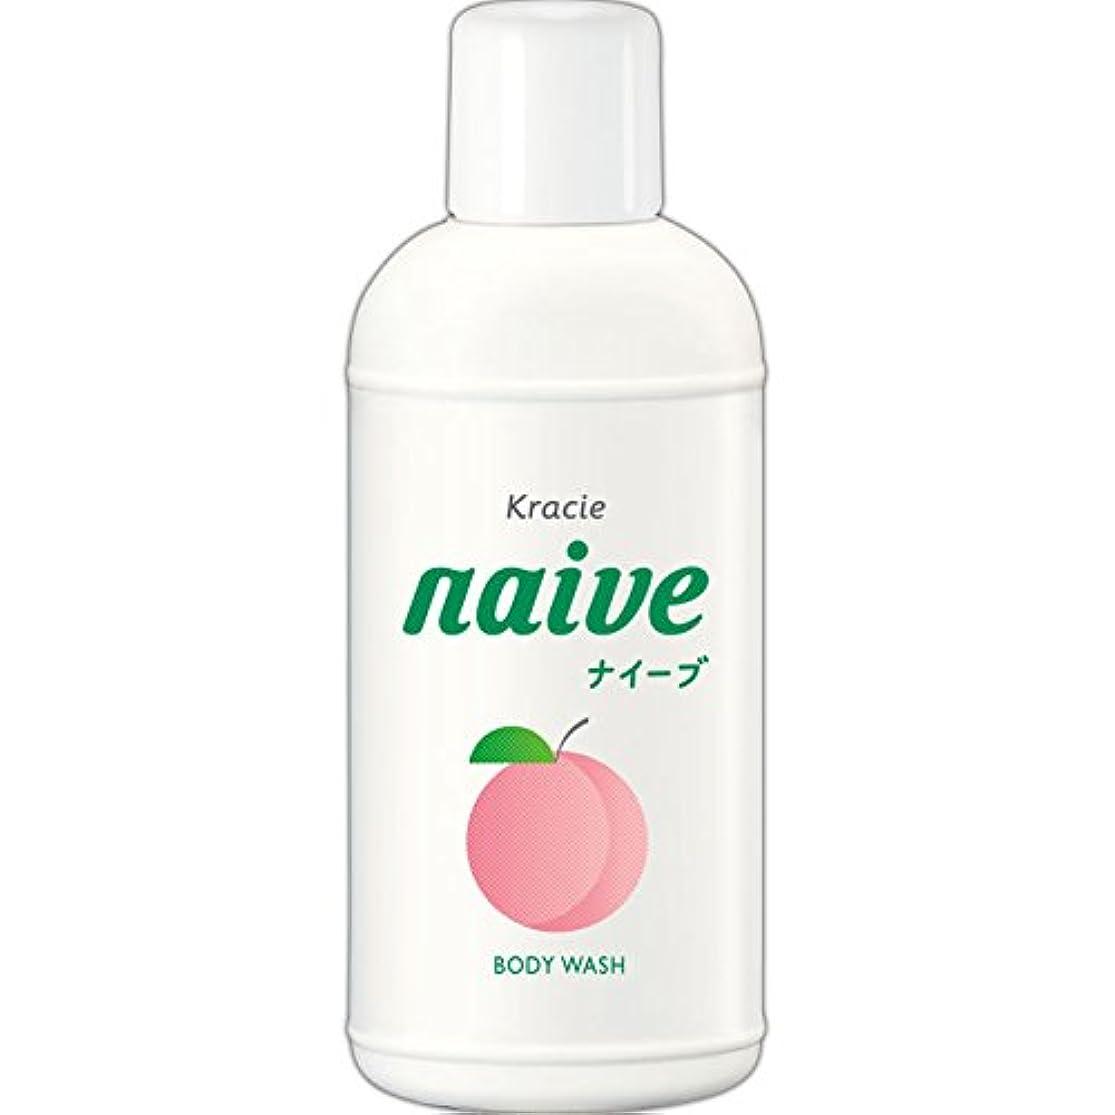 ナイーブ ボディソープ 桃の葉エキス配合 80ml